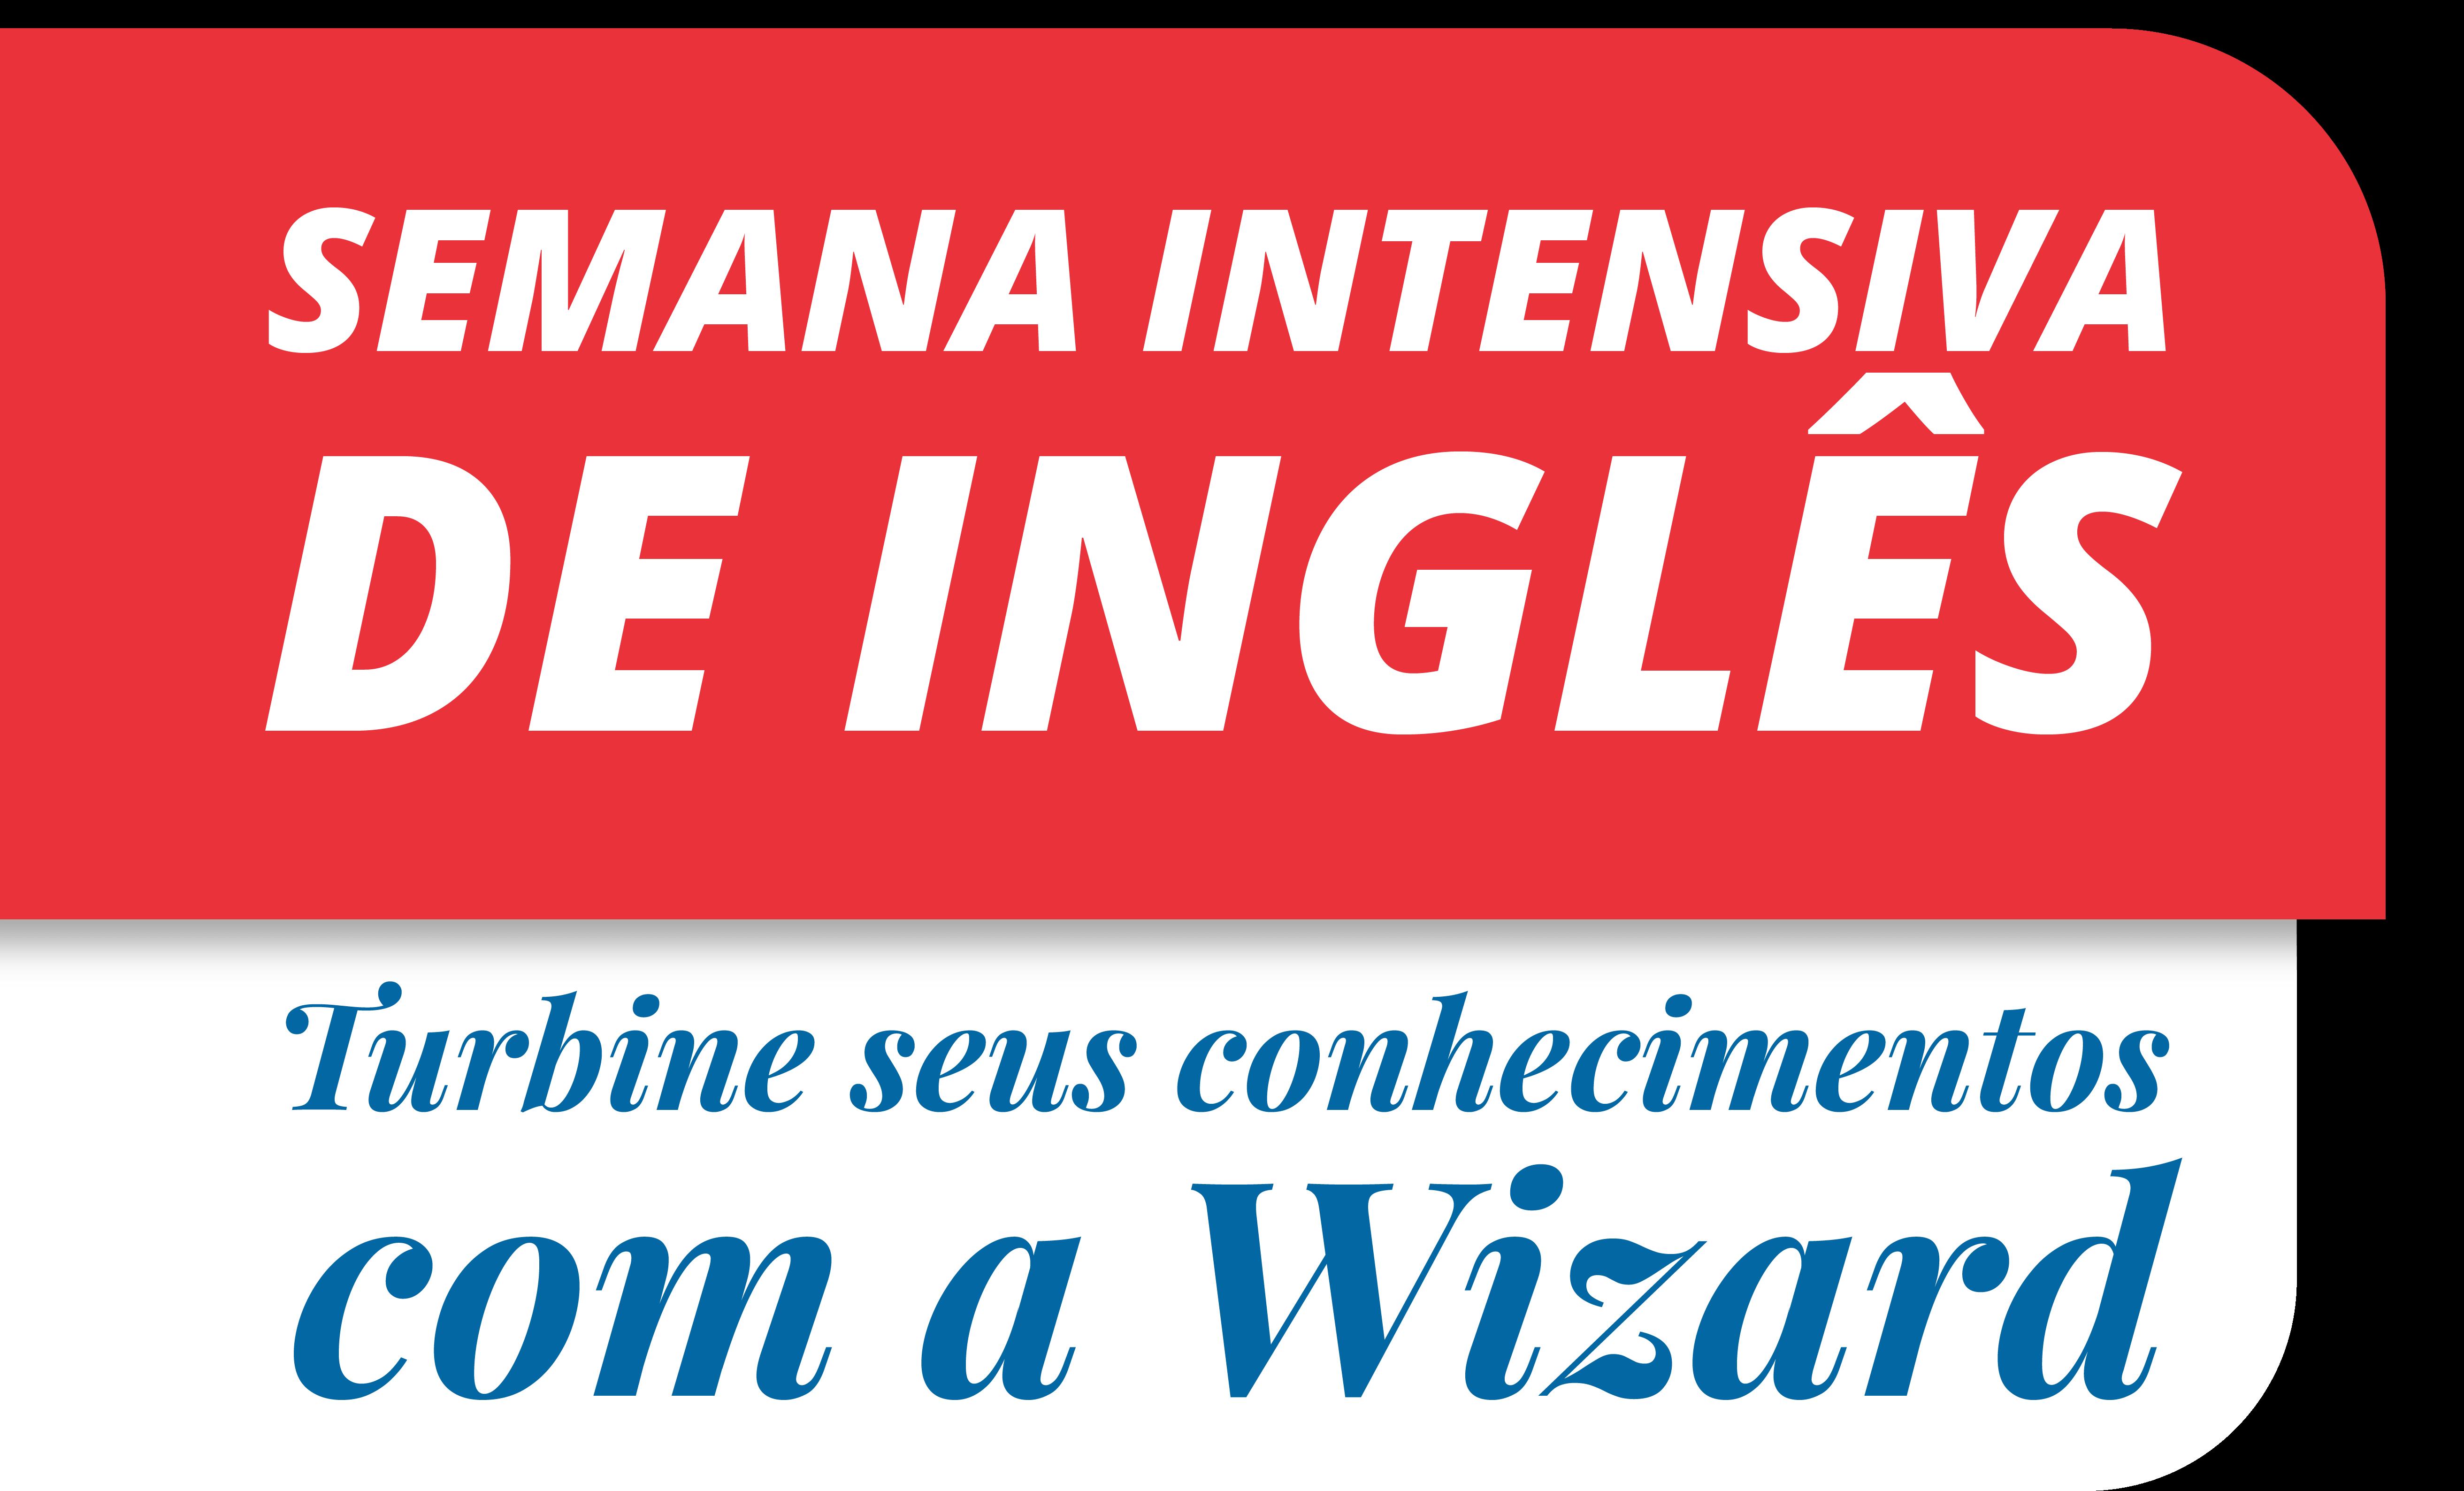 Semana Intensiva de inglês com a Wizard